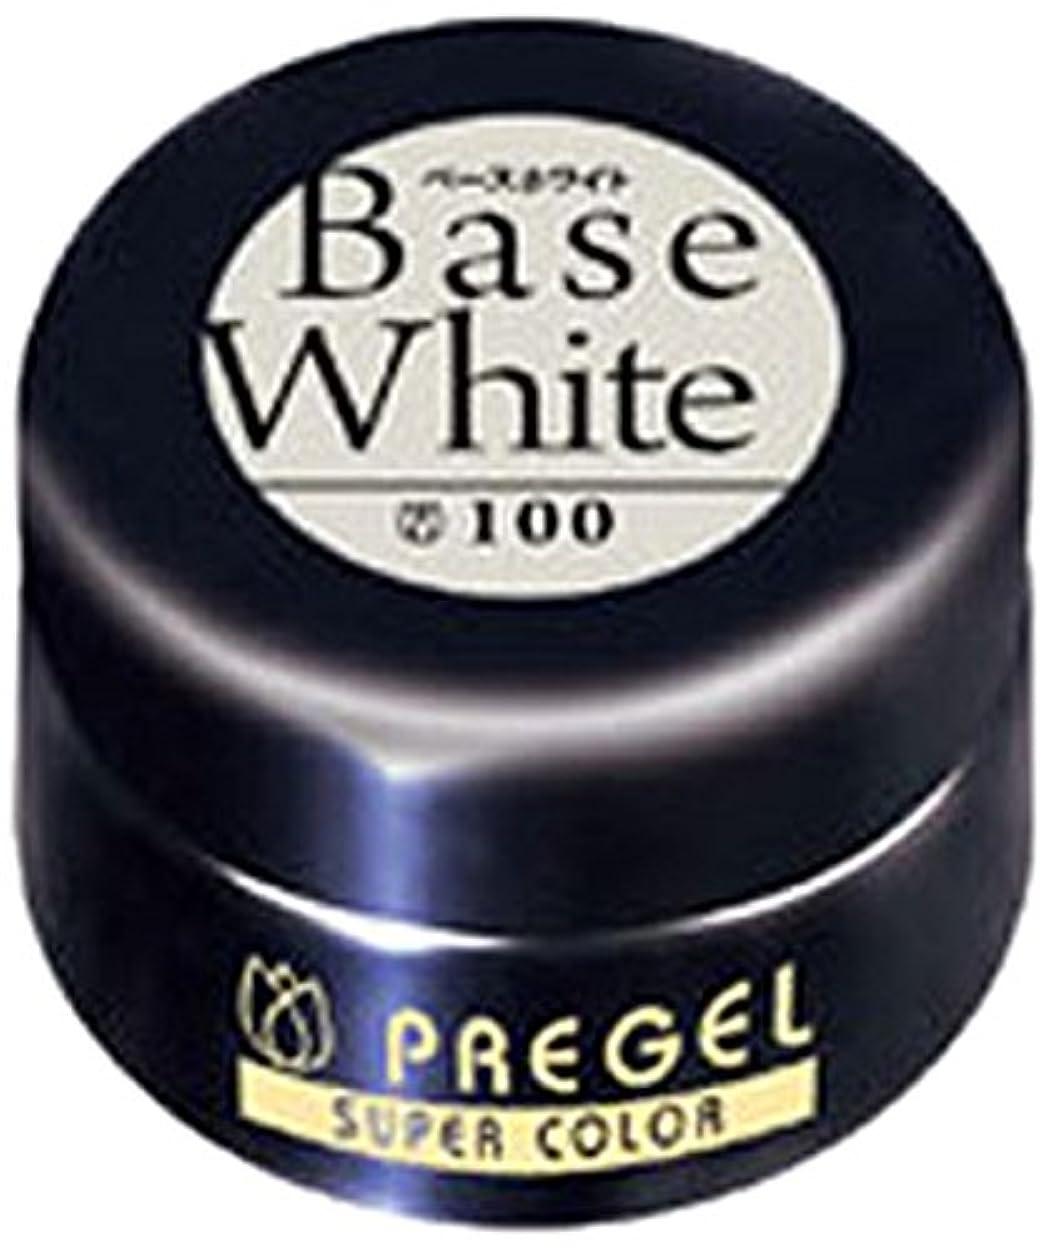 タックル慣らすプログレッシブプリジェル スーパーカラーEX ベースホワイト 4g PG-SE100 カラージェル